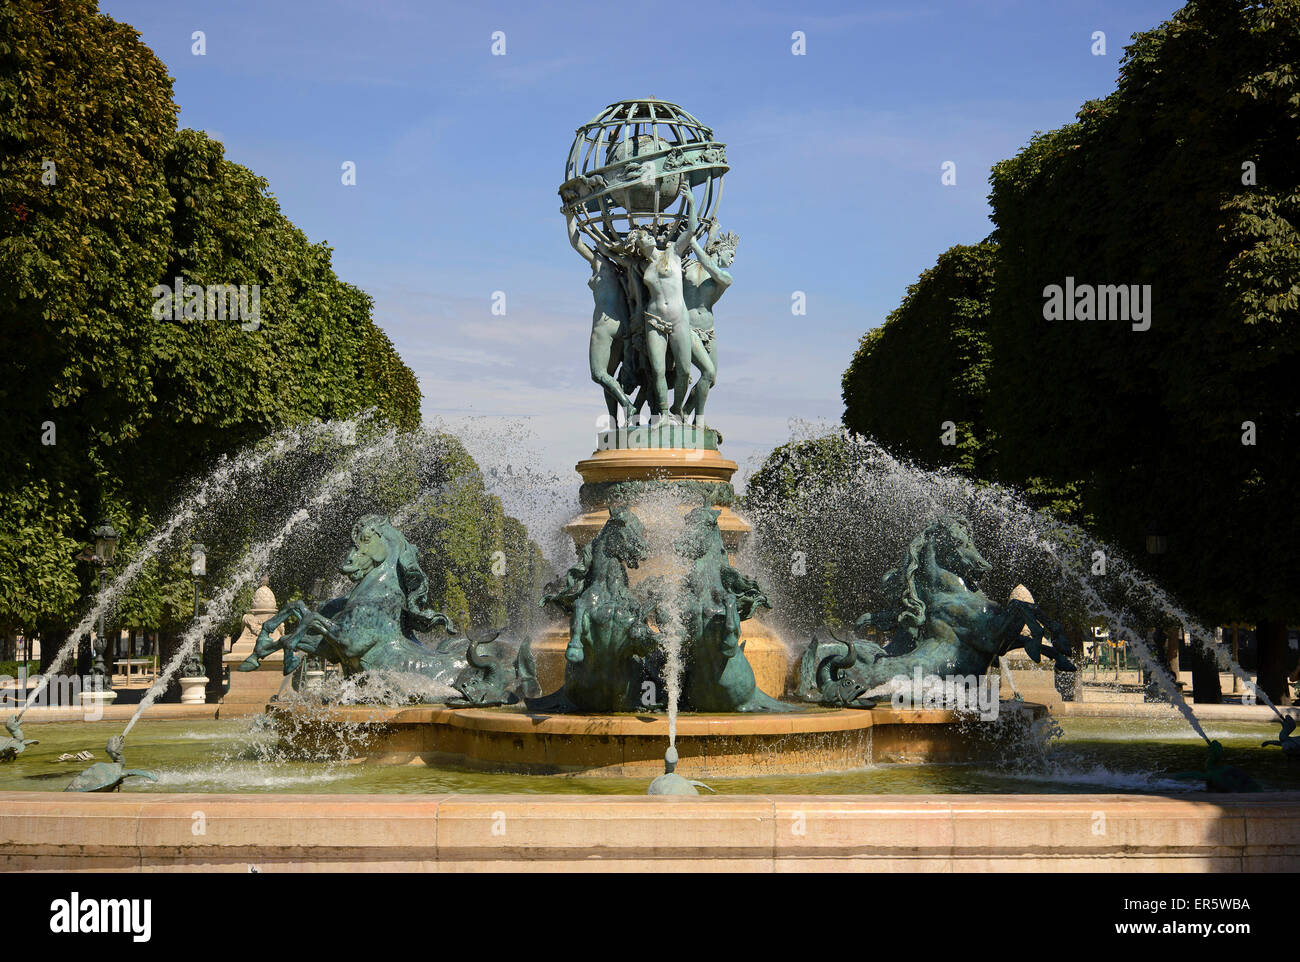 La fontaine des Quatre-Parties-du-Monde in the Jardin Marco Polo ...